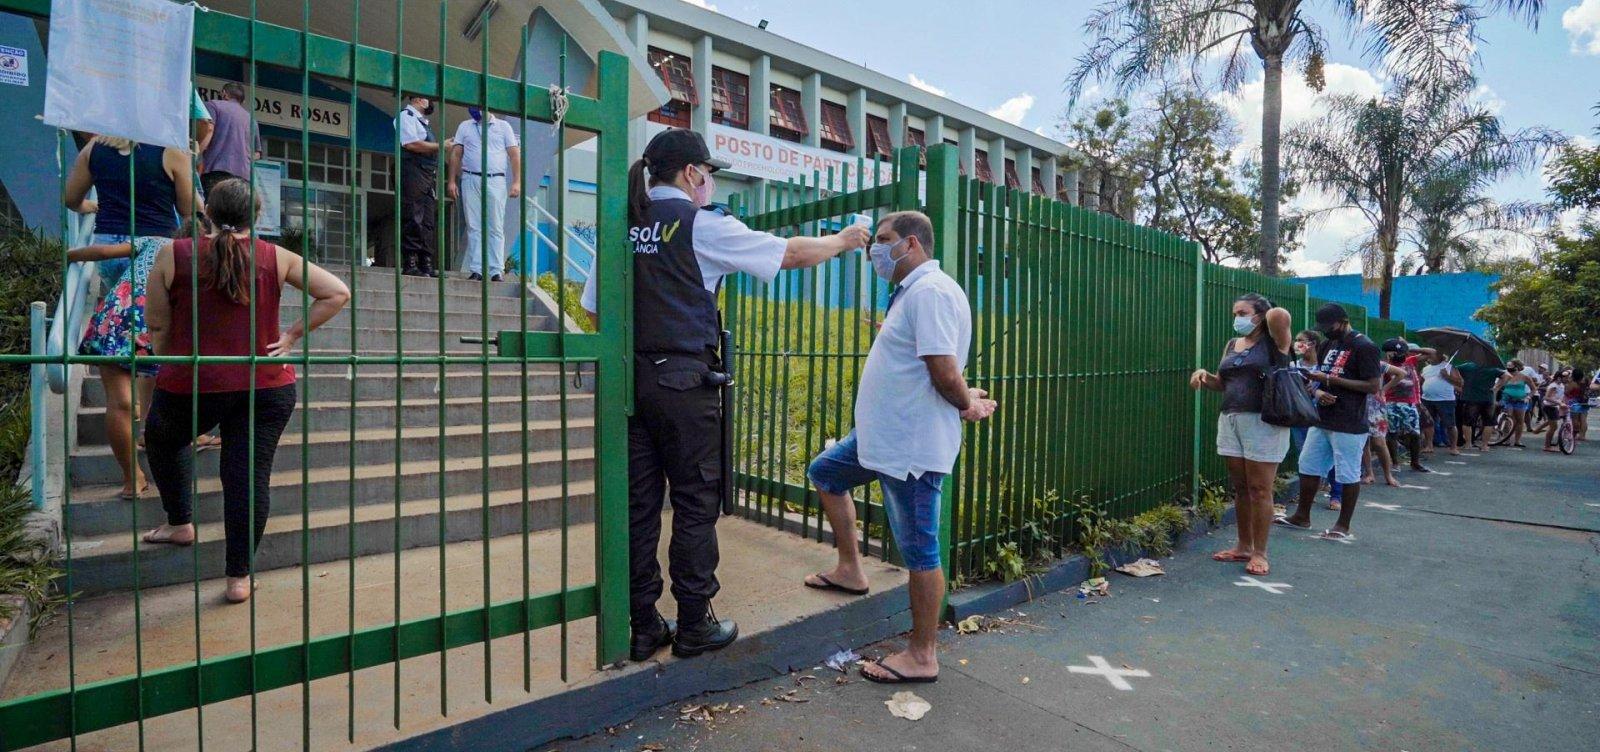 Serrana, em SP, conclui vacinação em massa contra Covid neste domingo